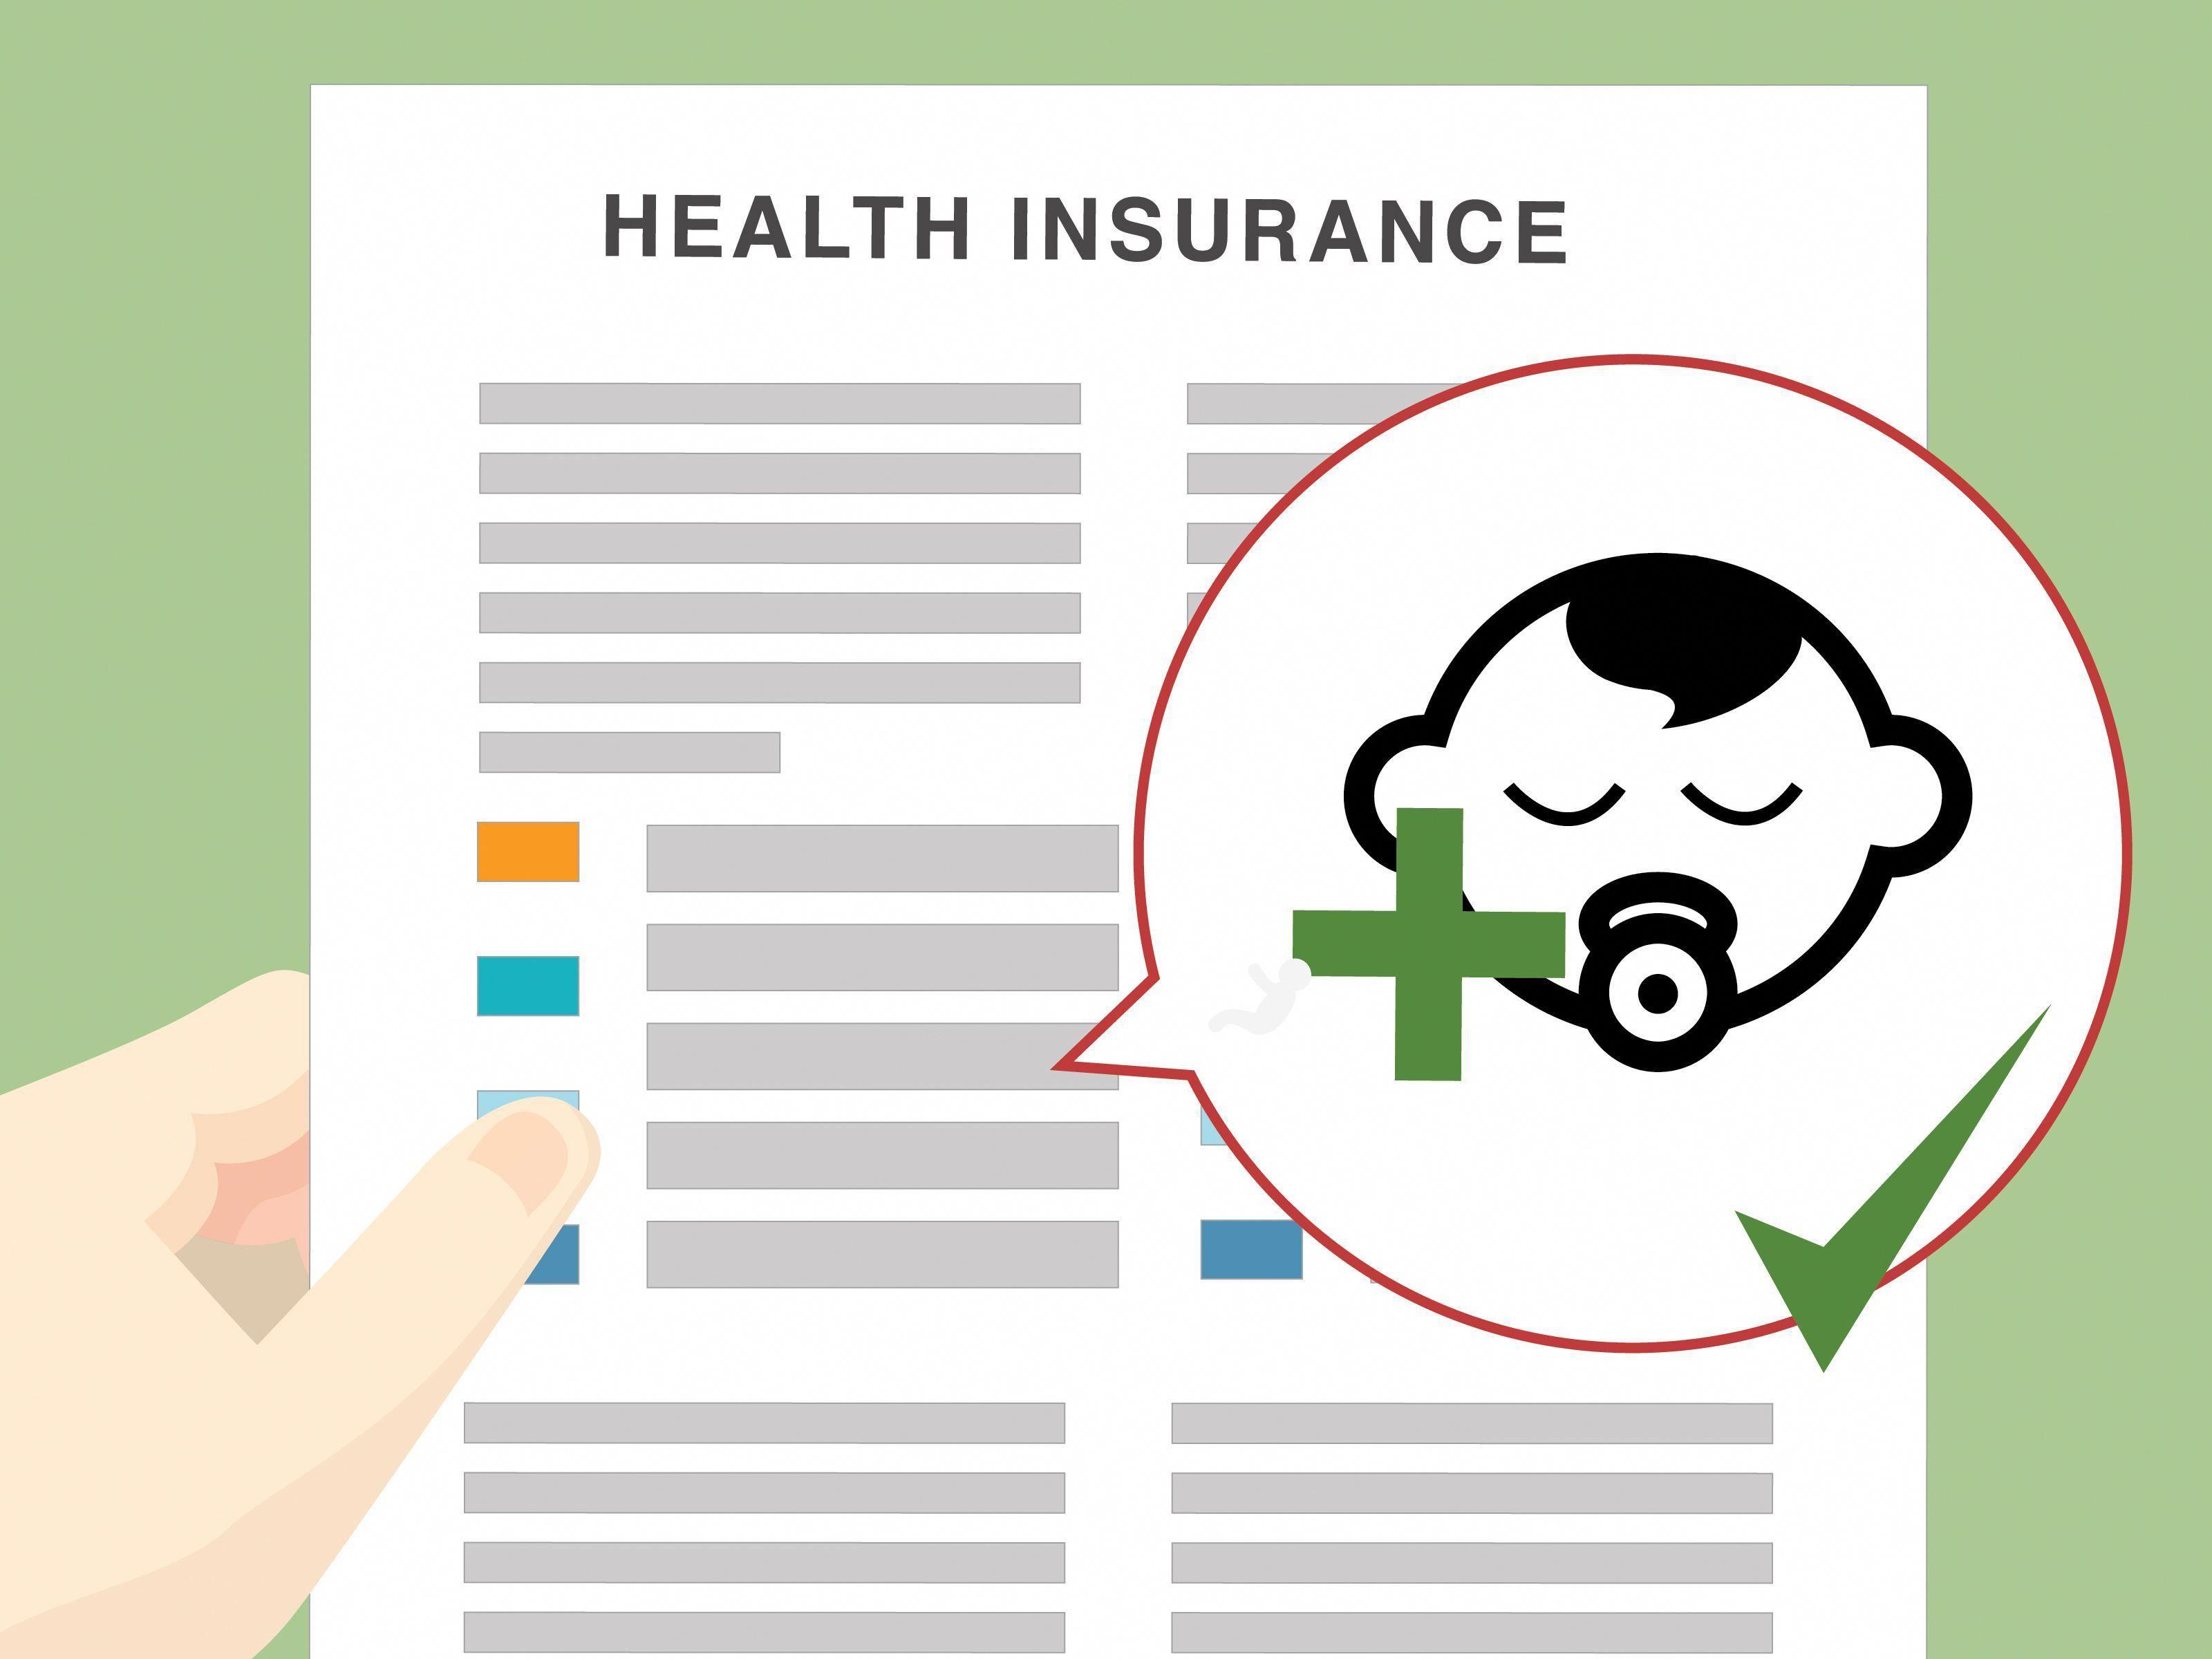 Terrific Snap Shots Understanding Health Insurance Healthinsurance Concepts Health Insurance Health Care Insurance Health Insurance Options